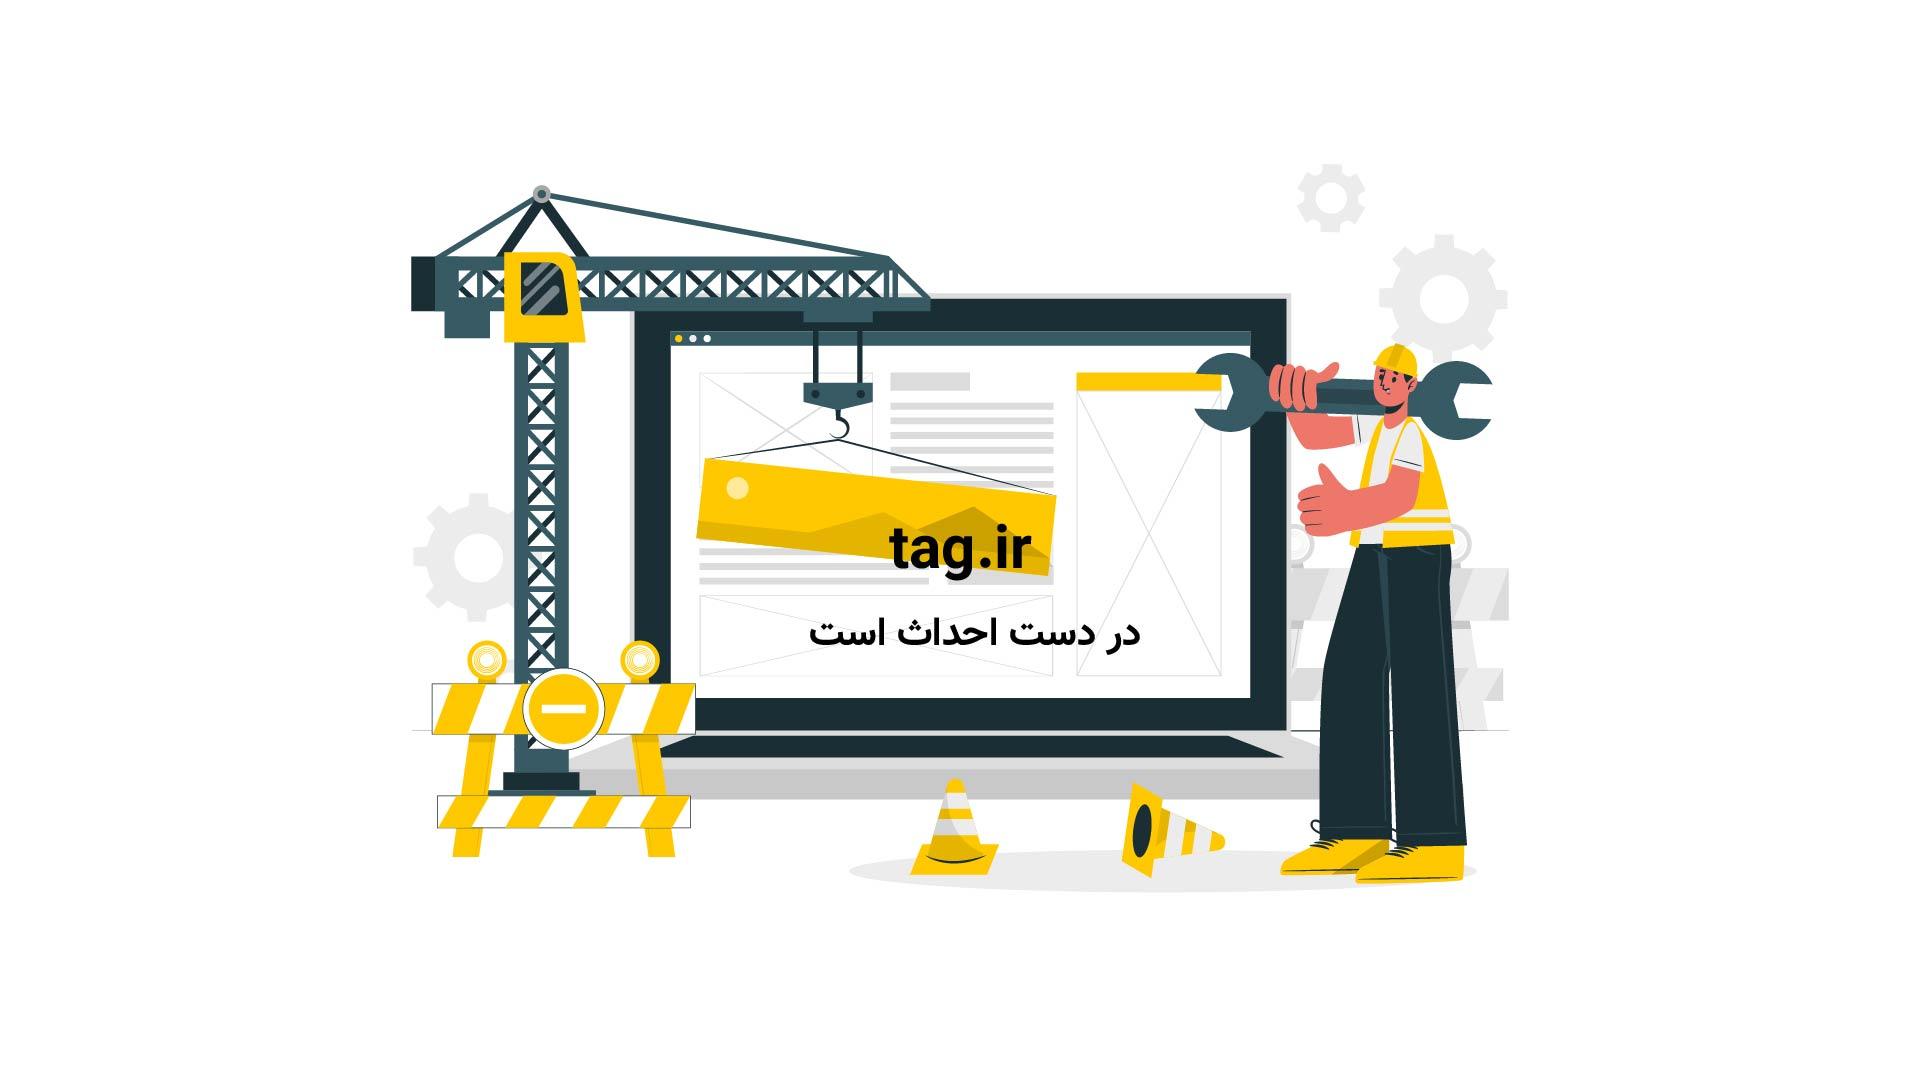 توضیحات فرمانده سپاه خوزستان درباره حادثه تروریستی صبح امروز | فیلم